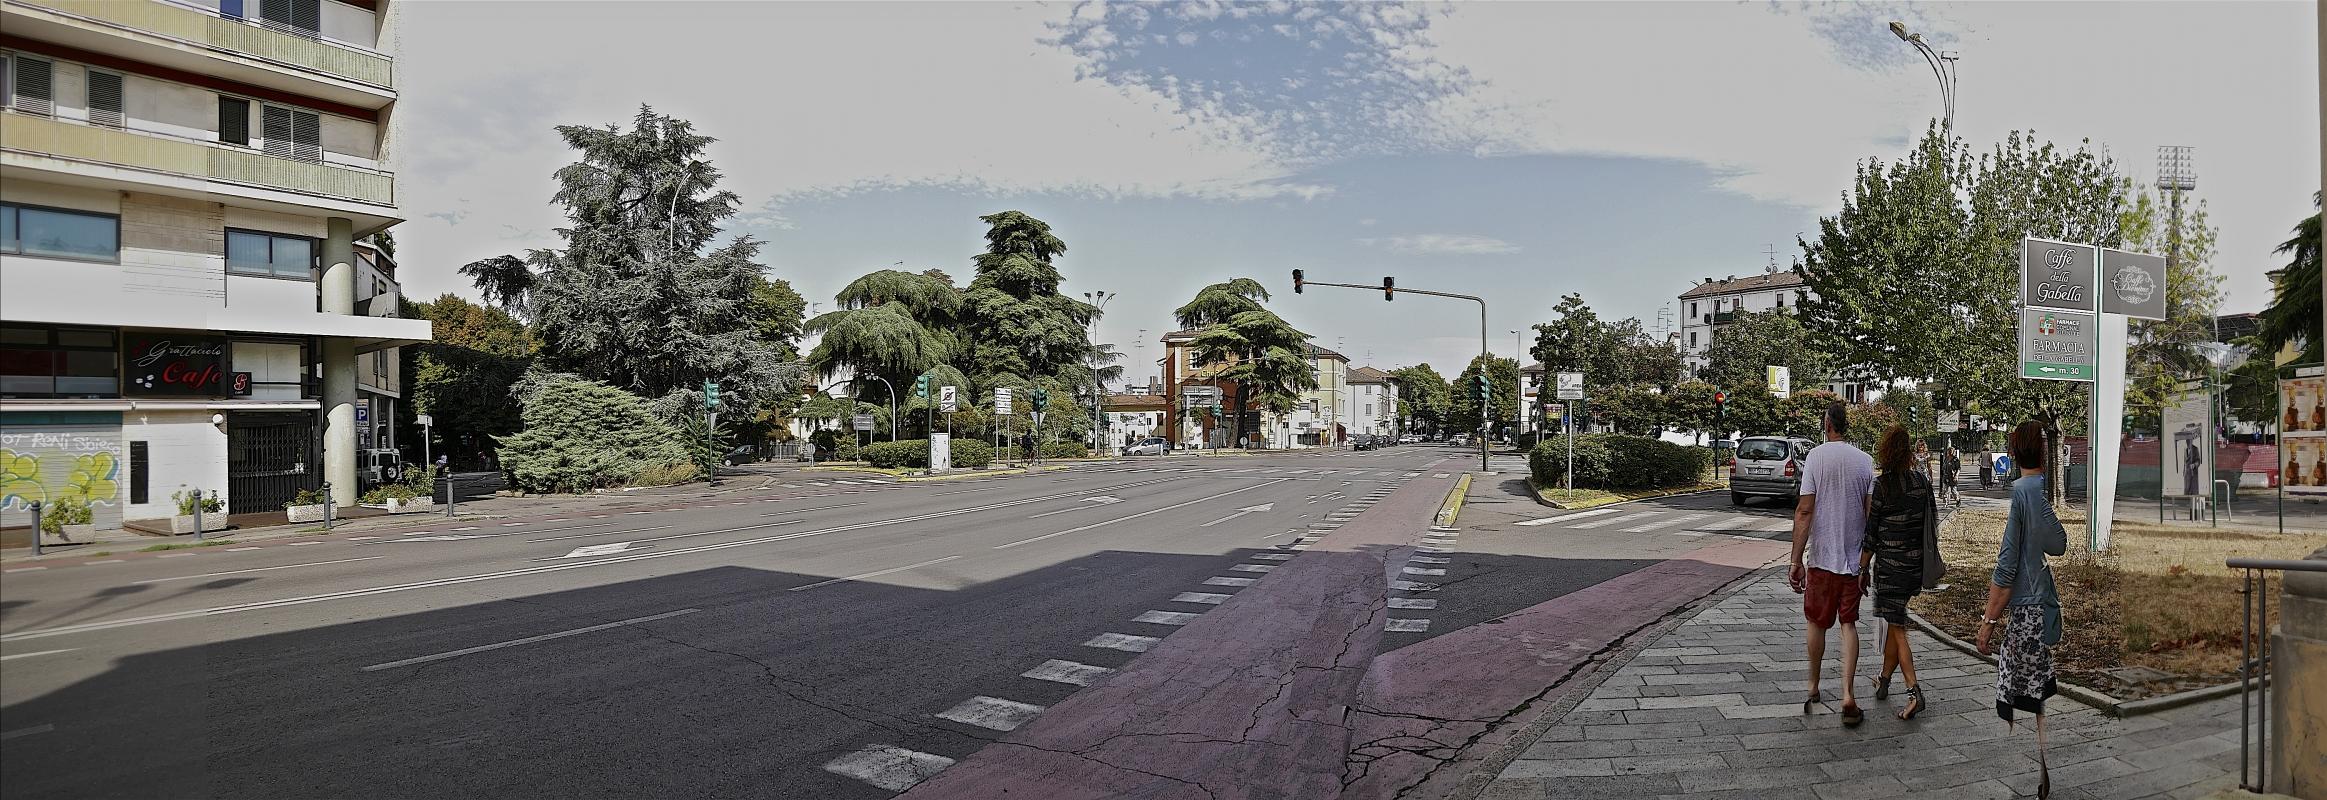 Piazza Tricolore - Caba2011 - Reggio nell'Emilia (RE)